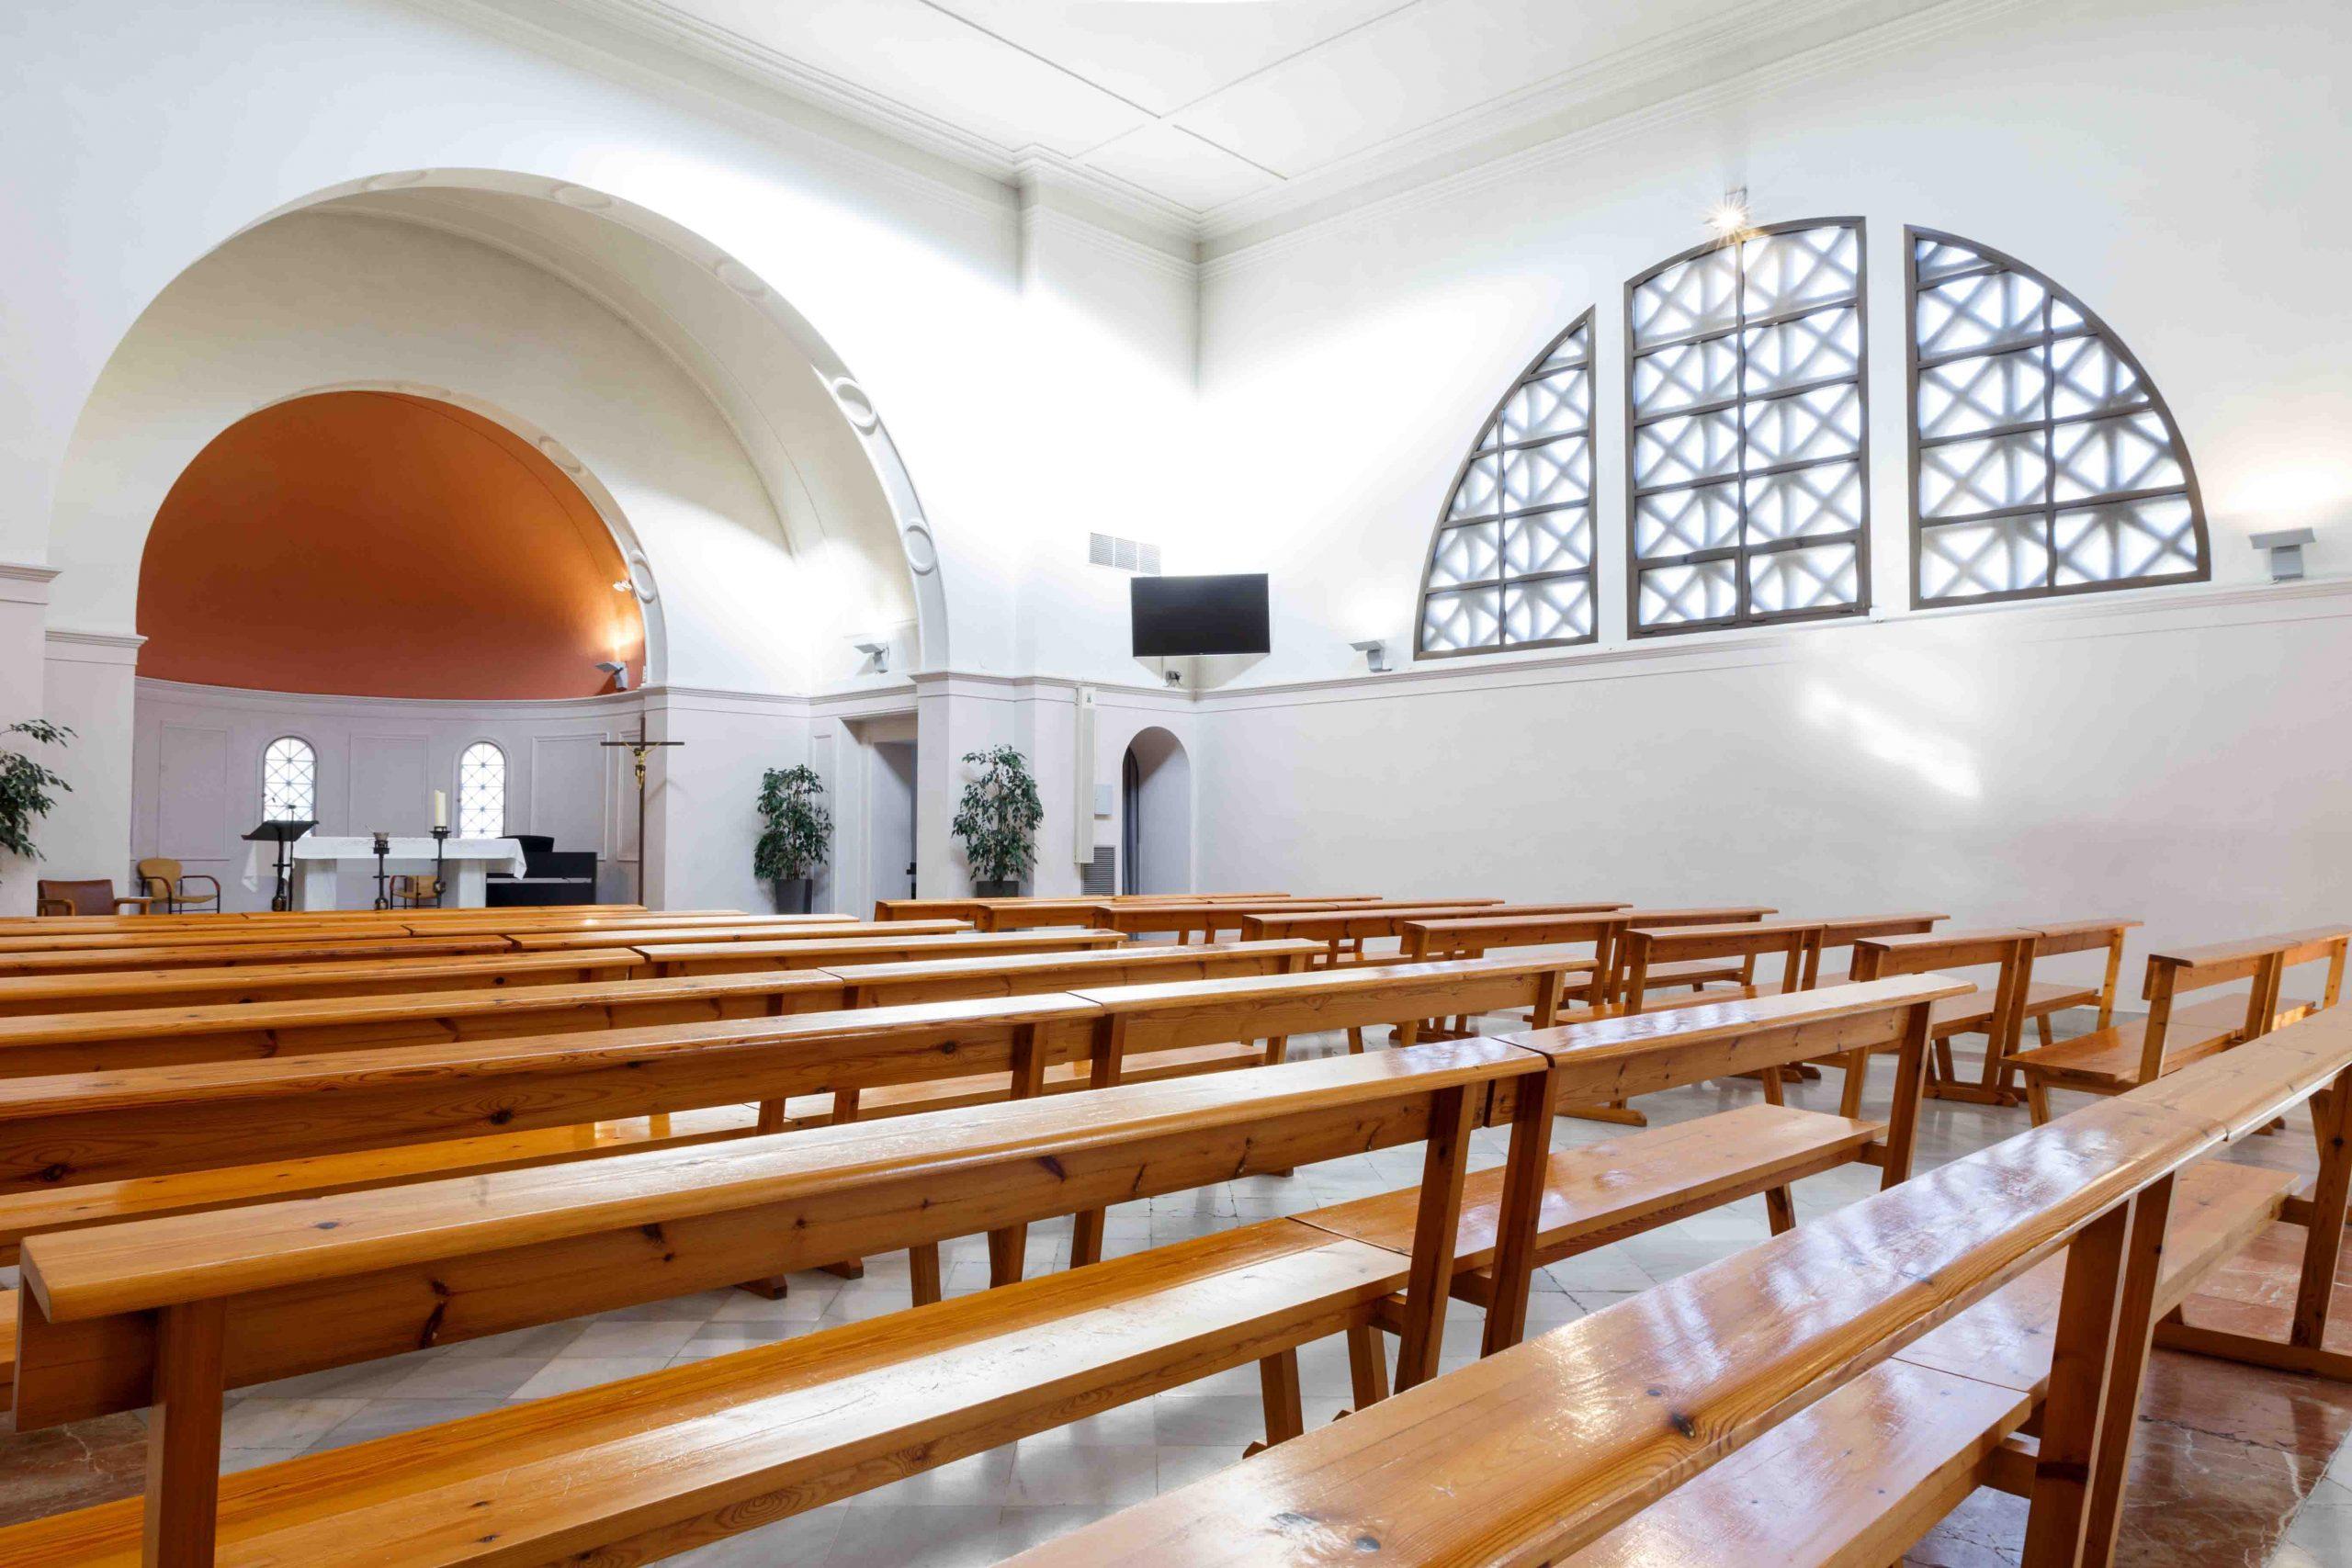 cementerio_terrassa_templo_interiorBR